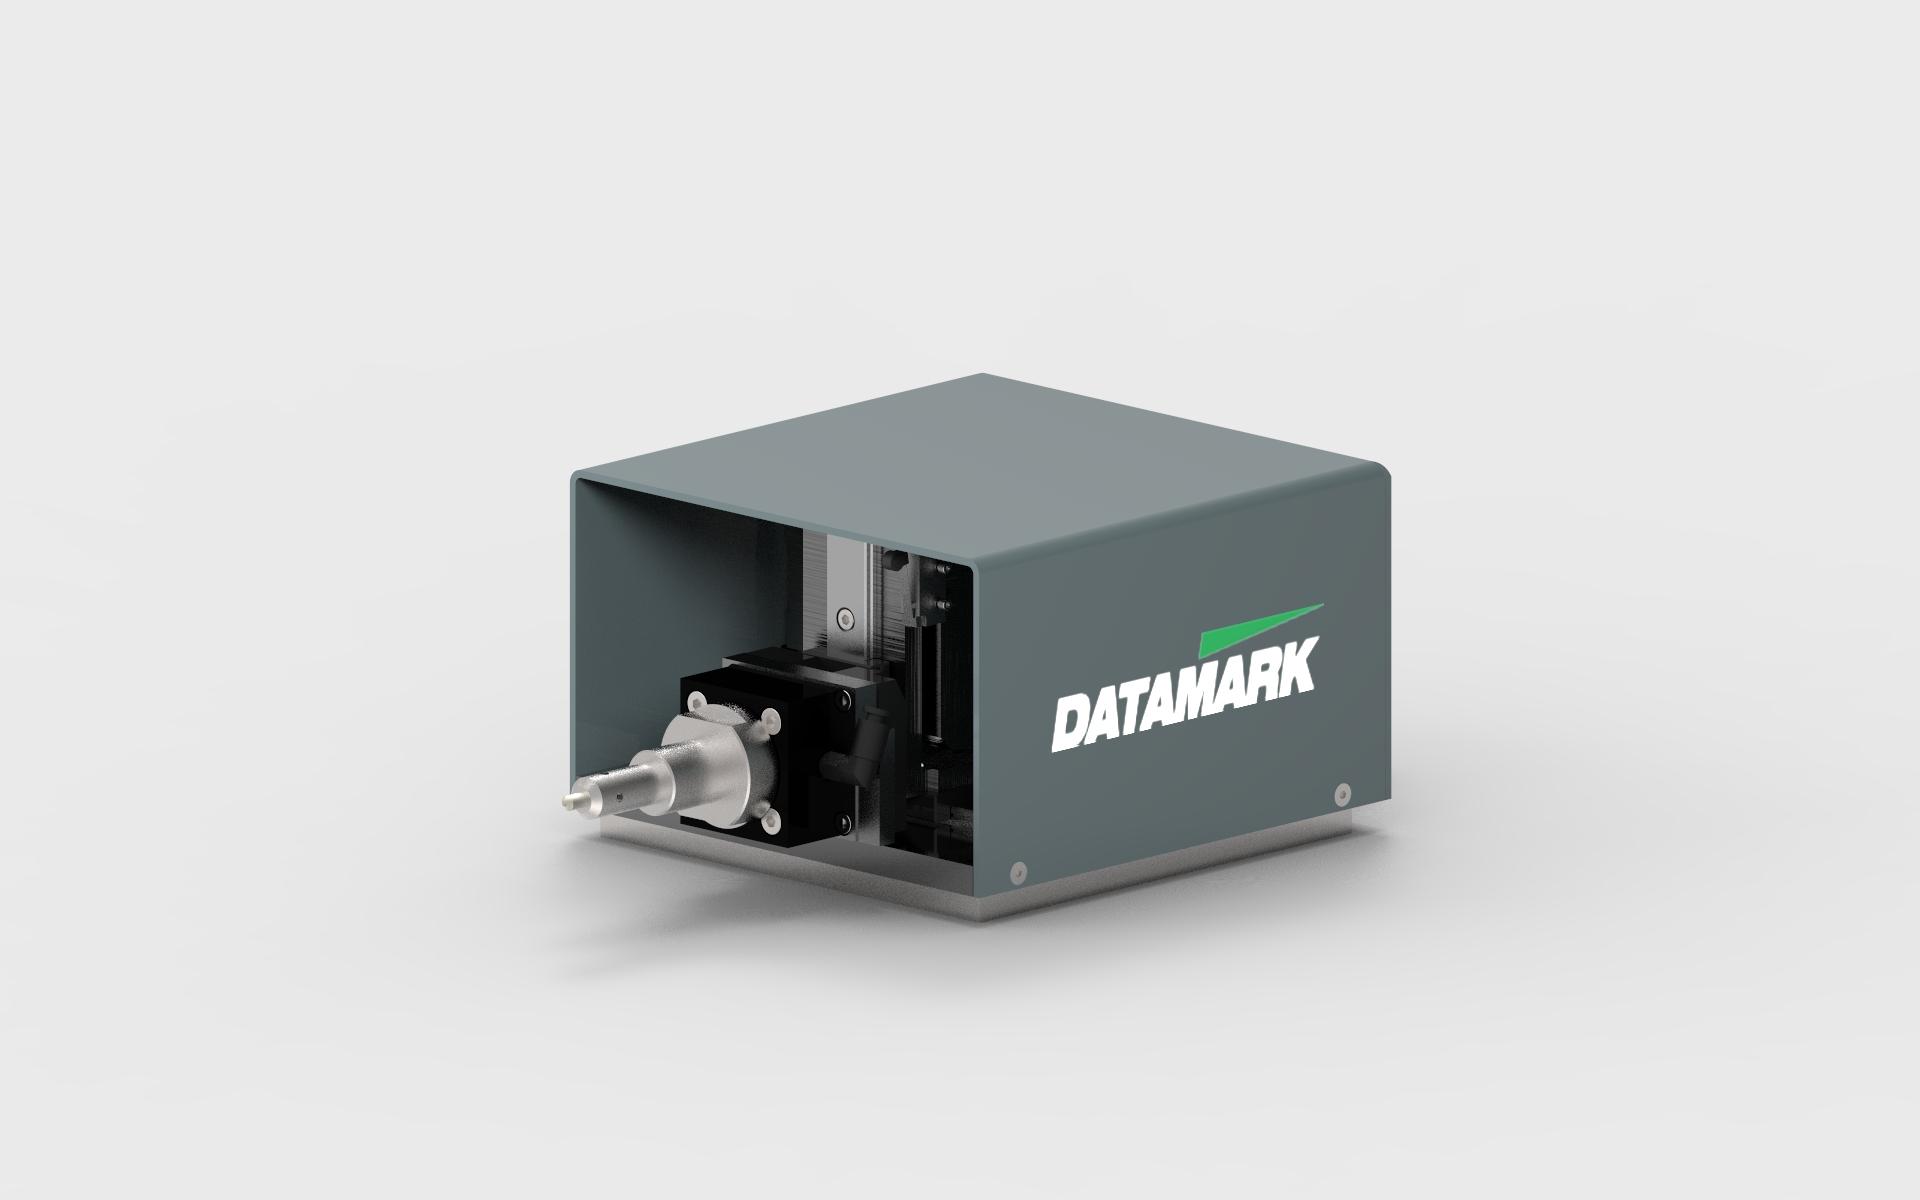 Datamark dot peen marker for automation